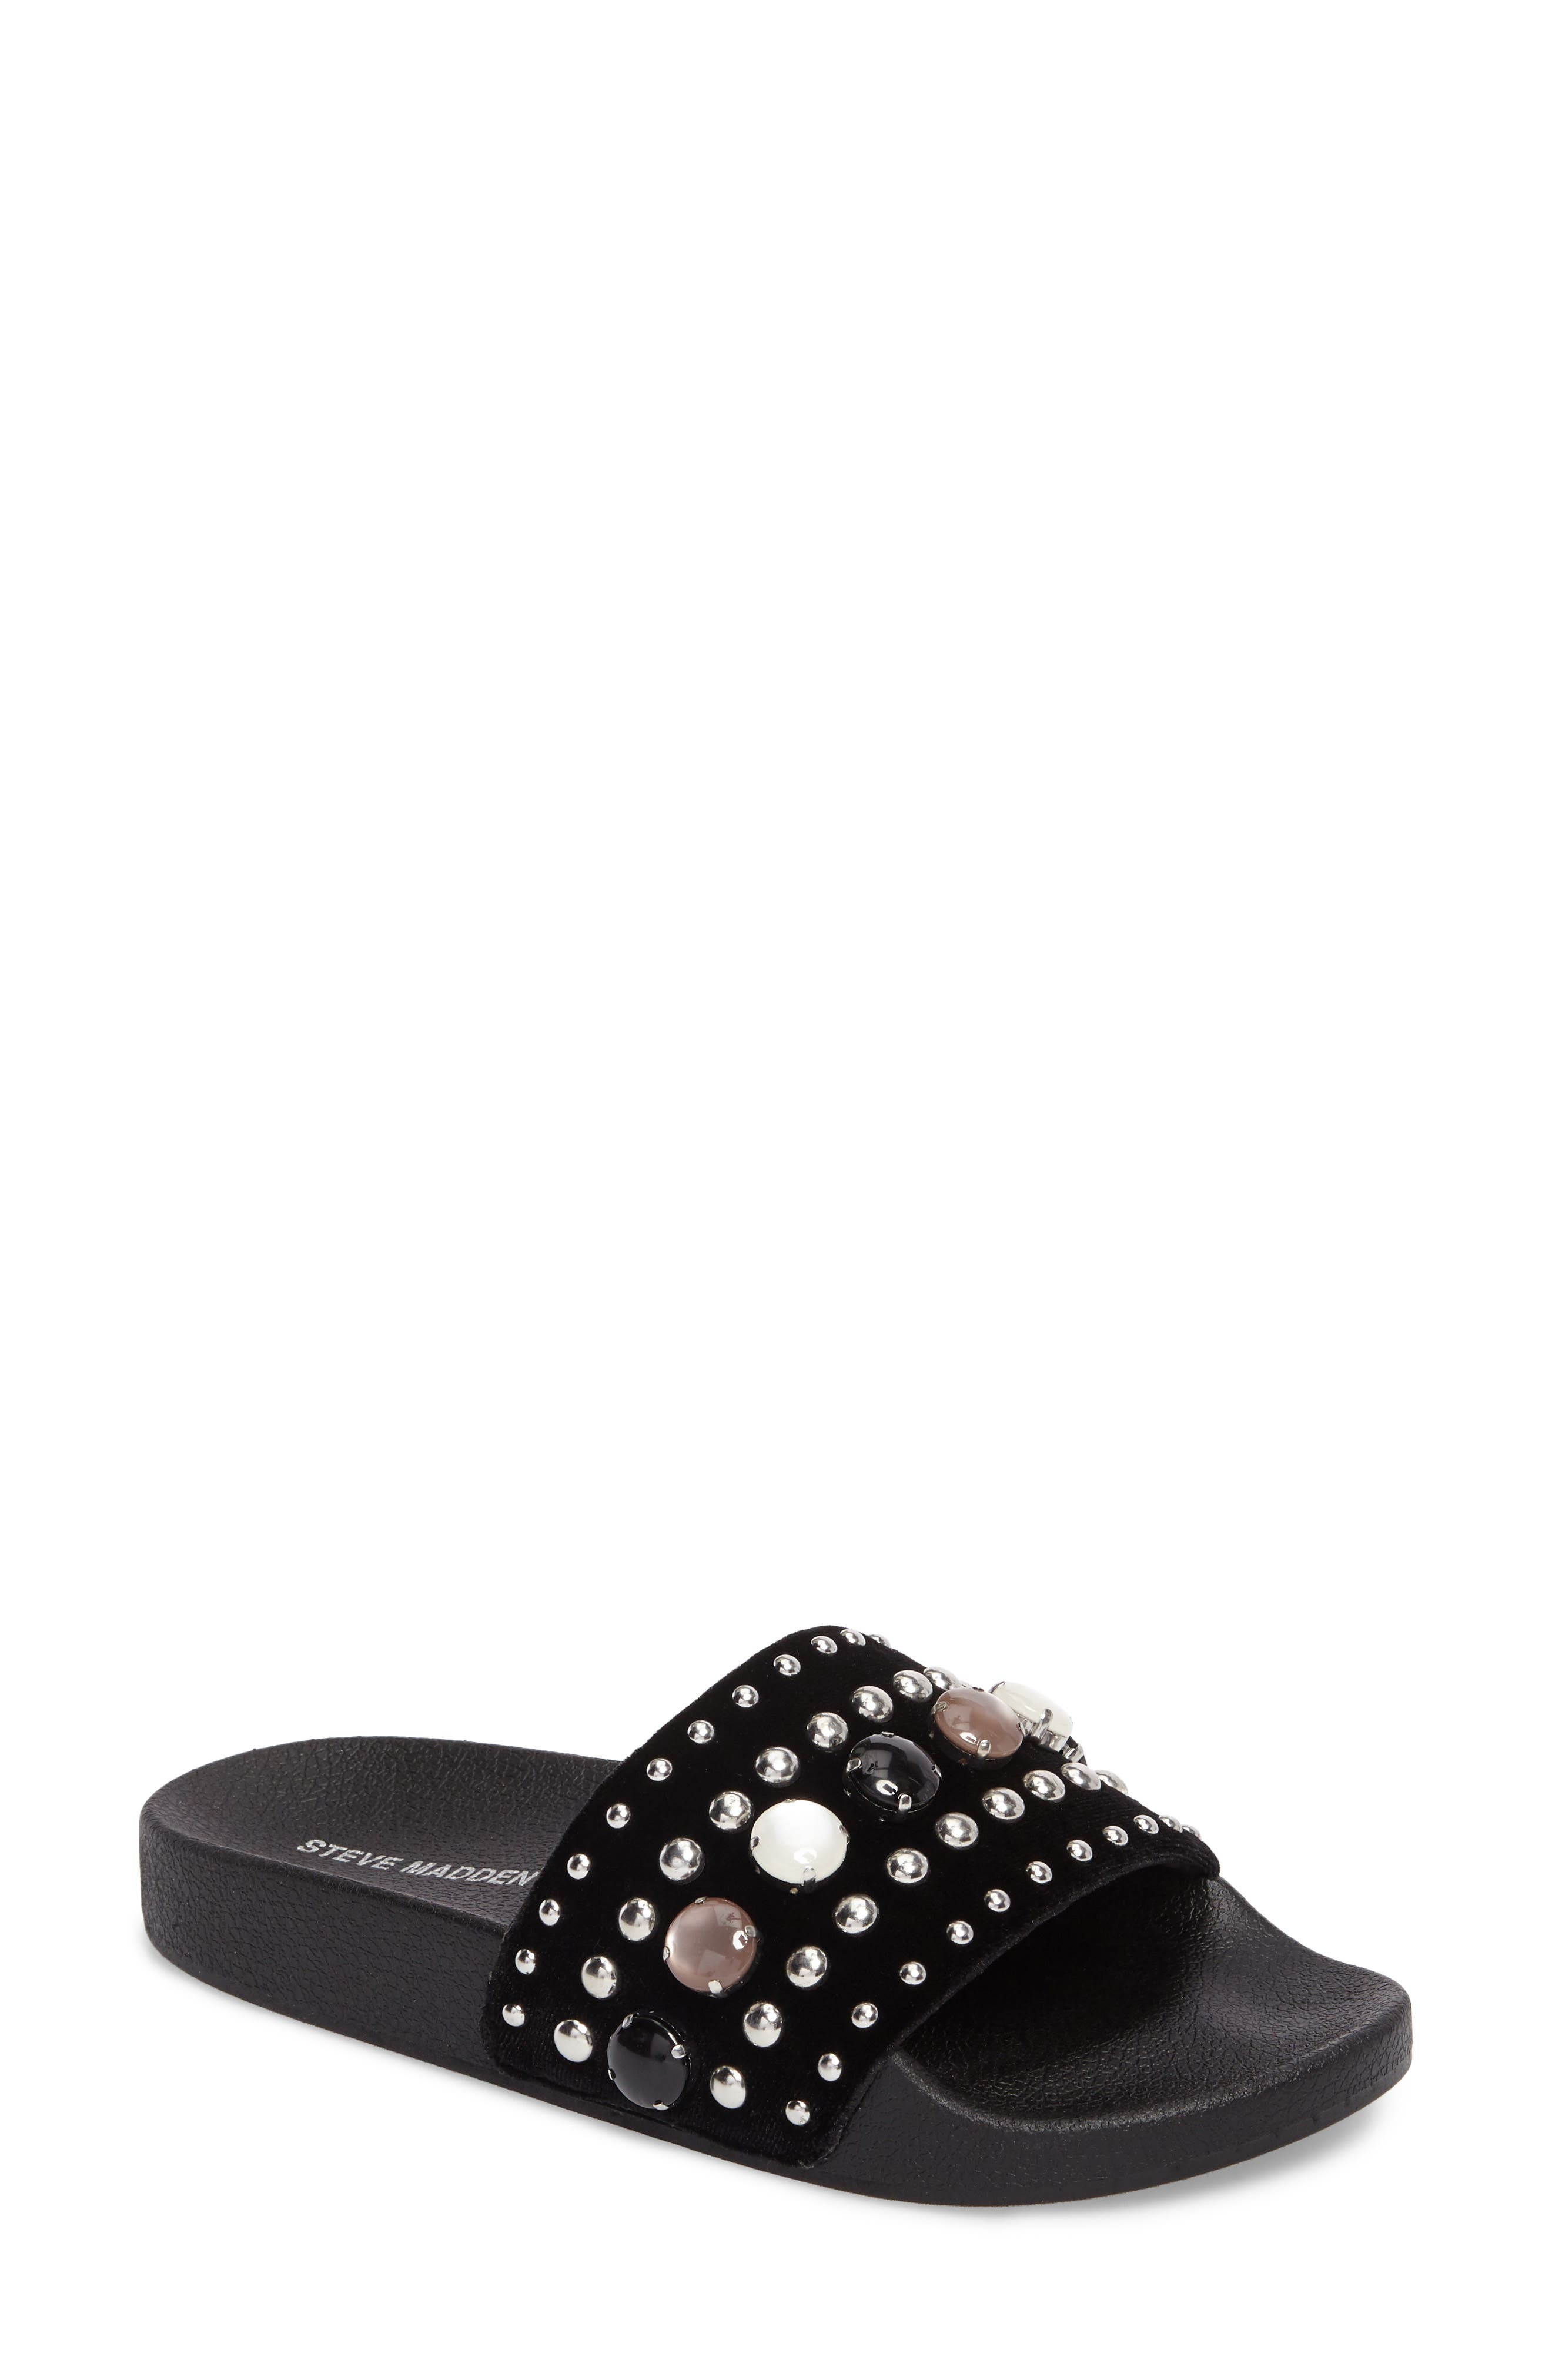 Main Image - Steve Madden Studded Slide Sandal